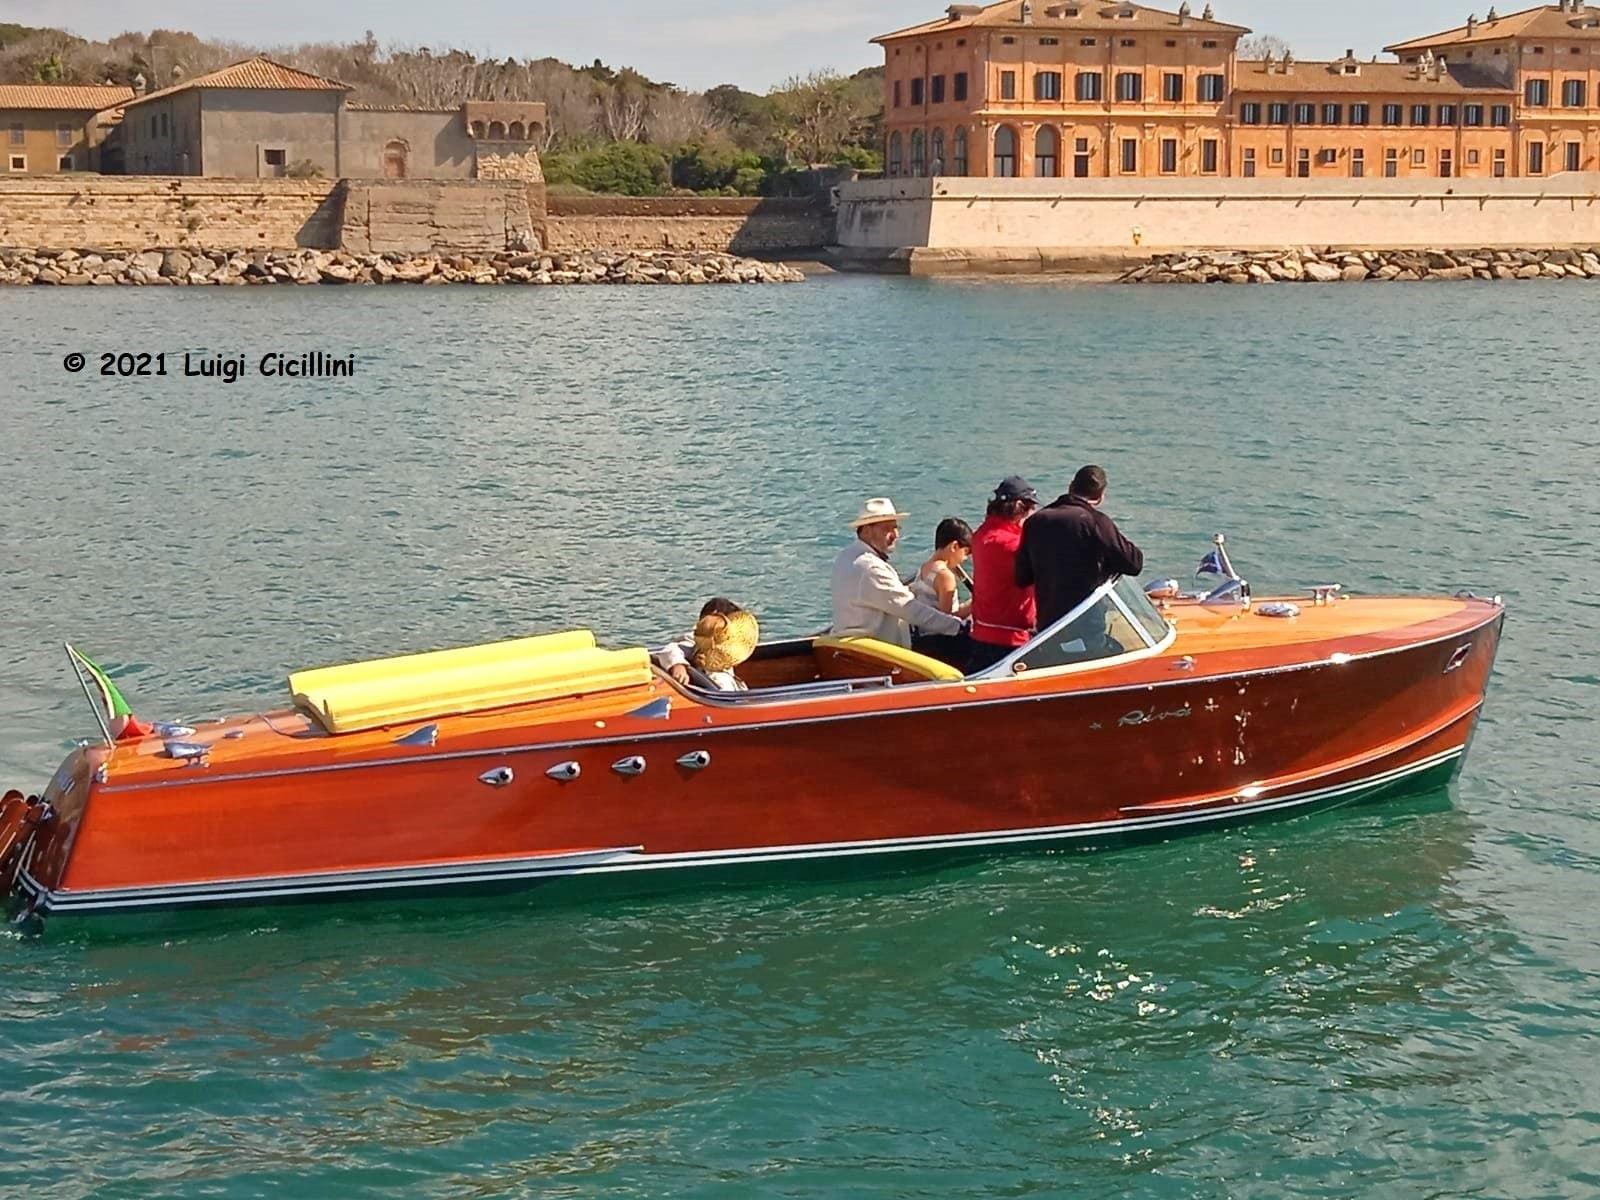 Al via le riprese di 'Promises' con l'attore francese Jean Reno al largo del Castello Odescalchi